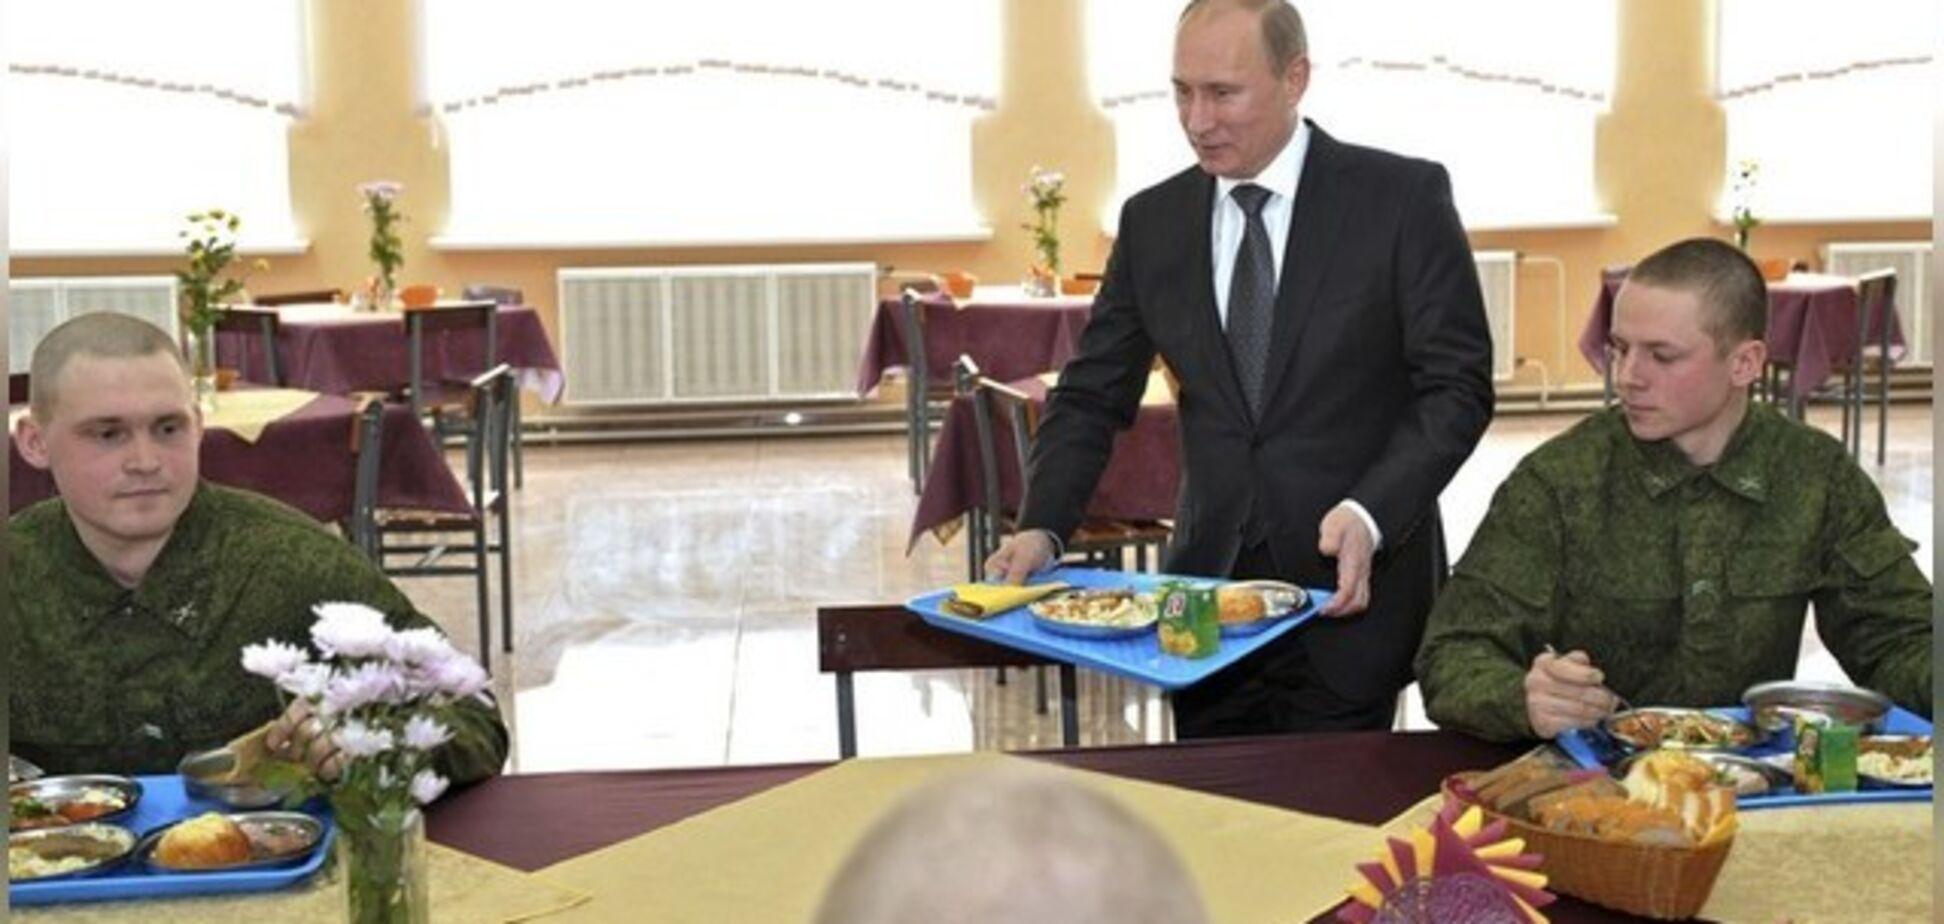 ''На десерт убиті діти'': Путін розгнівав мережу 'ресторанним інтимом'